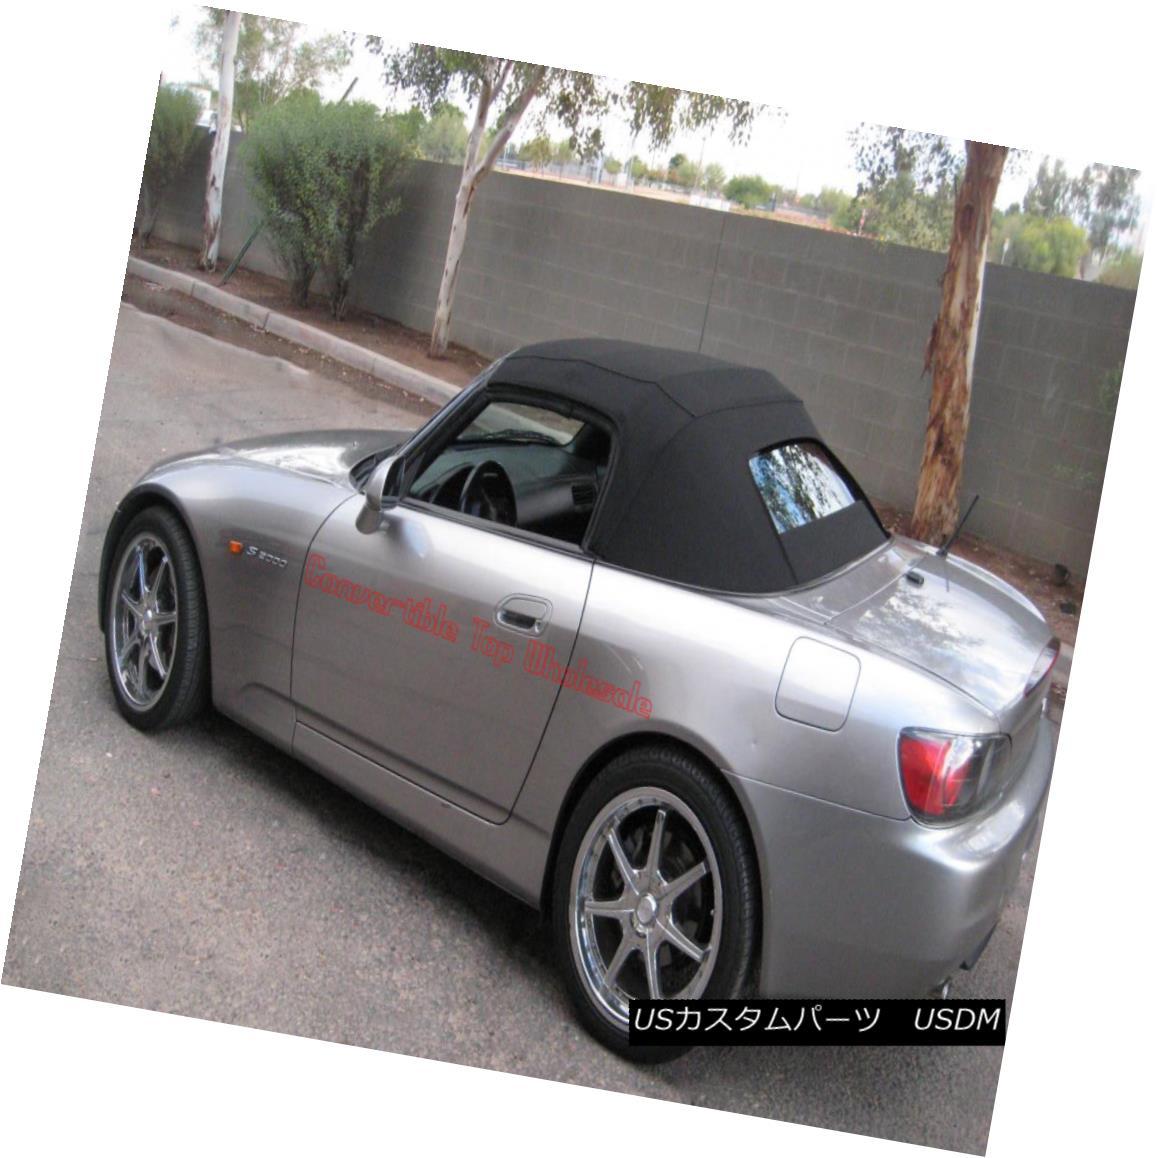 幌・ソフトトップ 02-09 Honda S2000 Spider GAHH Convertible Soft Top Black OEM Vinyl Heated Glass 02-09ホンダS2000スパイダーGAHHコンバーチブルソフトトップブラックOEMビニール加熱ガラス